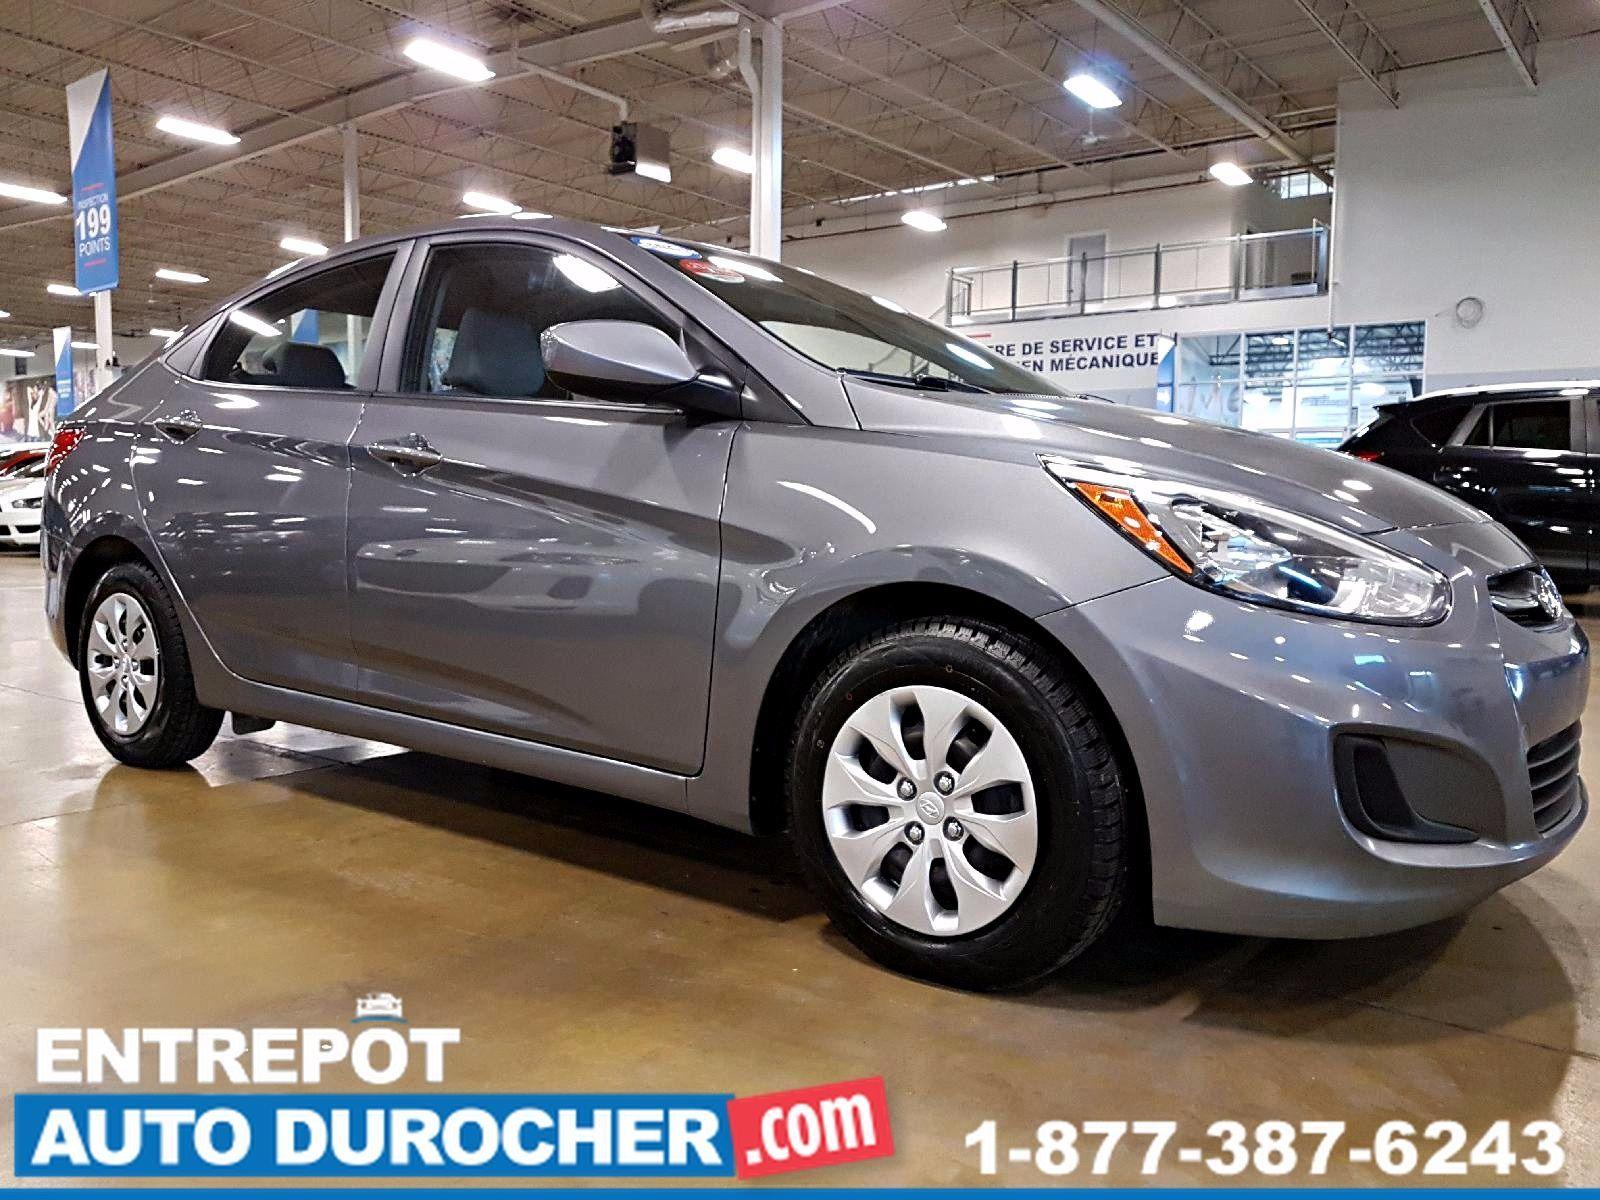 2016 Hyundai Accent AUTOMATIQUE - AIR CLIMATISÉ